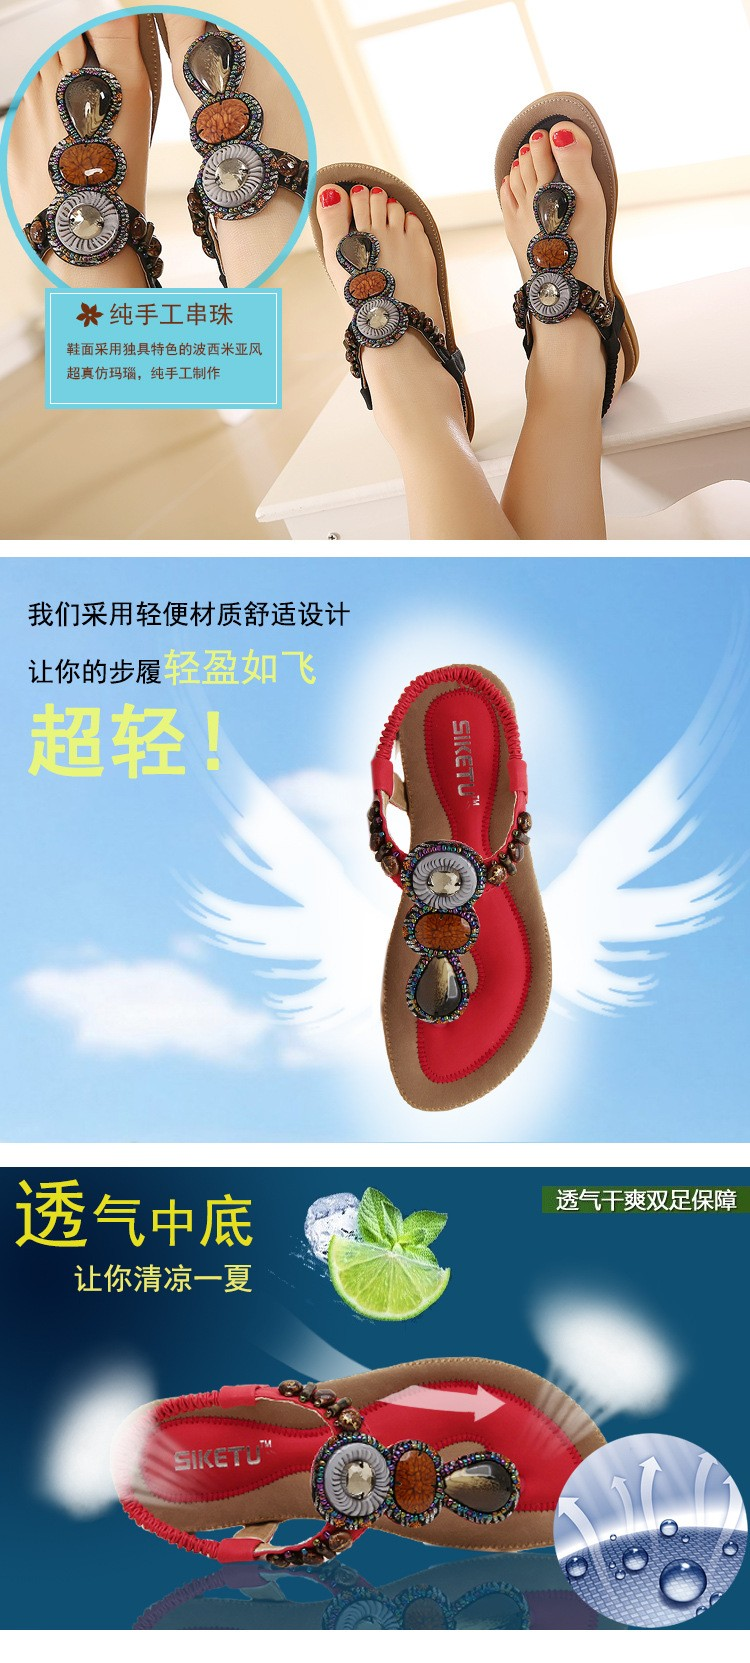 2016  New arrival women sandals fashion flip flops flat shoes causal Bohemia women shoes plus size wholesale  (3)